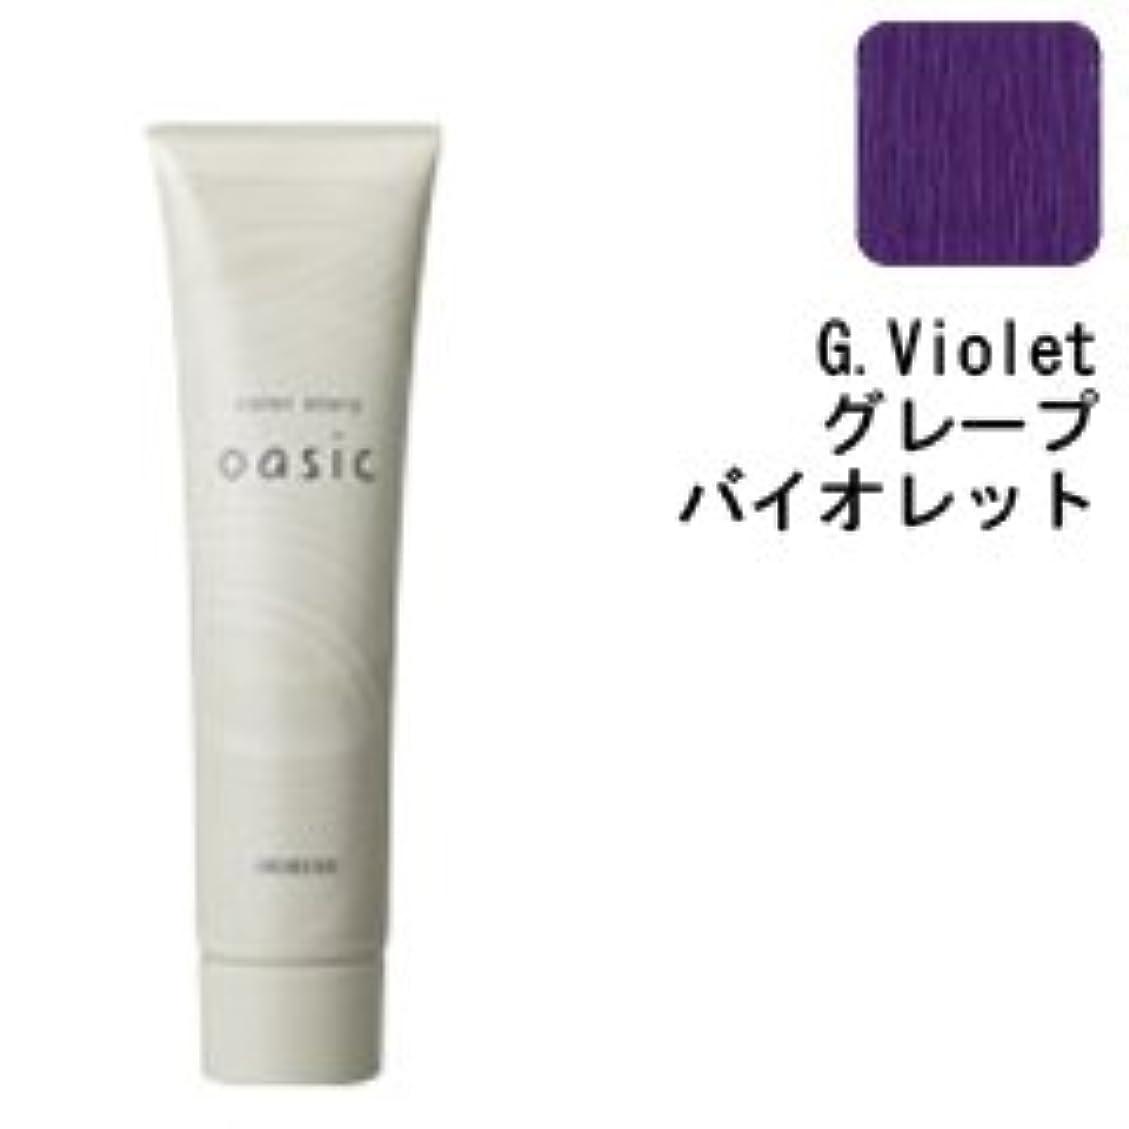 狂信者薄める意志【アリミノ】カラーストーリー オアシック G.Violet (グレープバイオレット) 150g